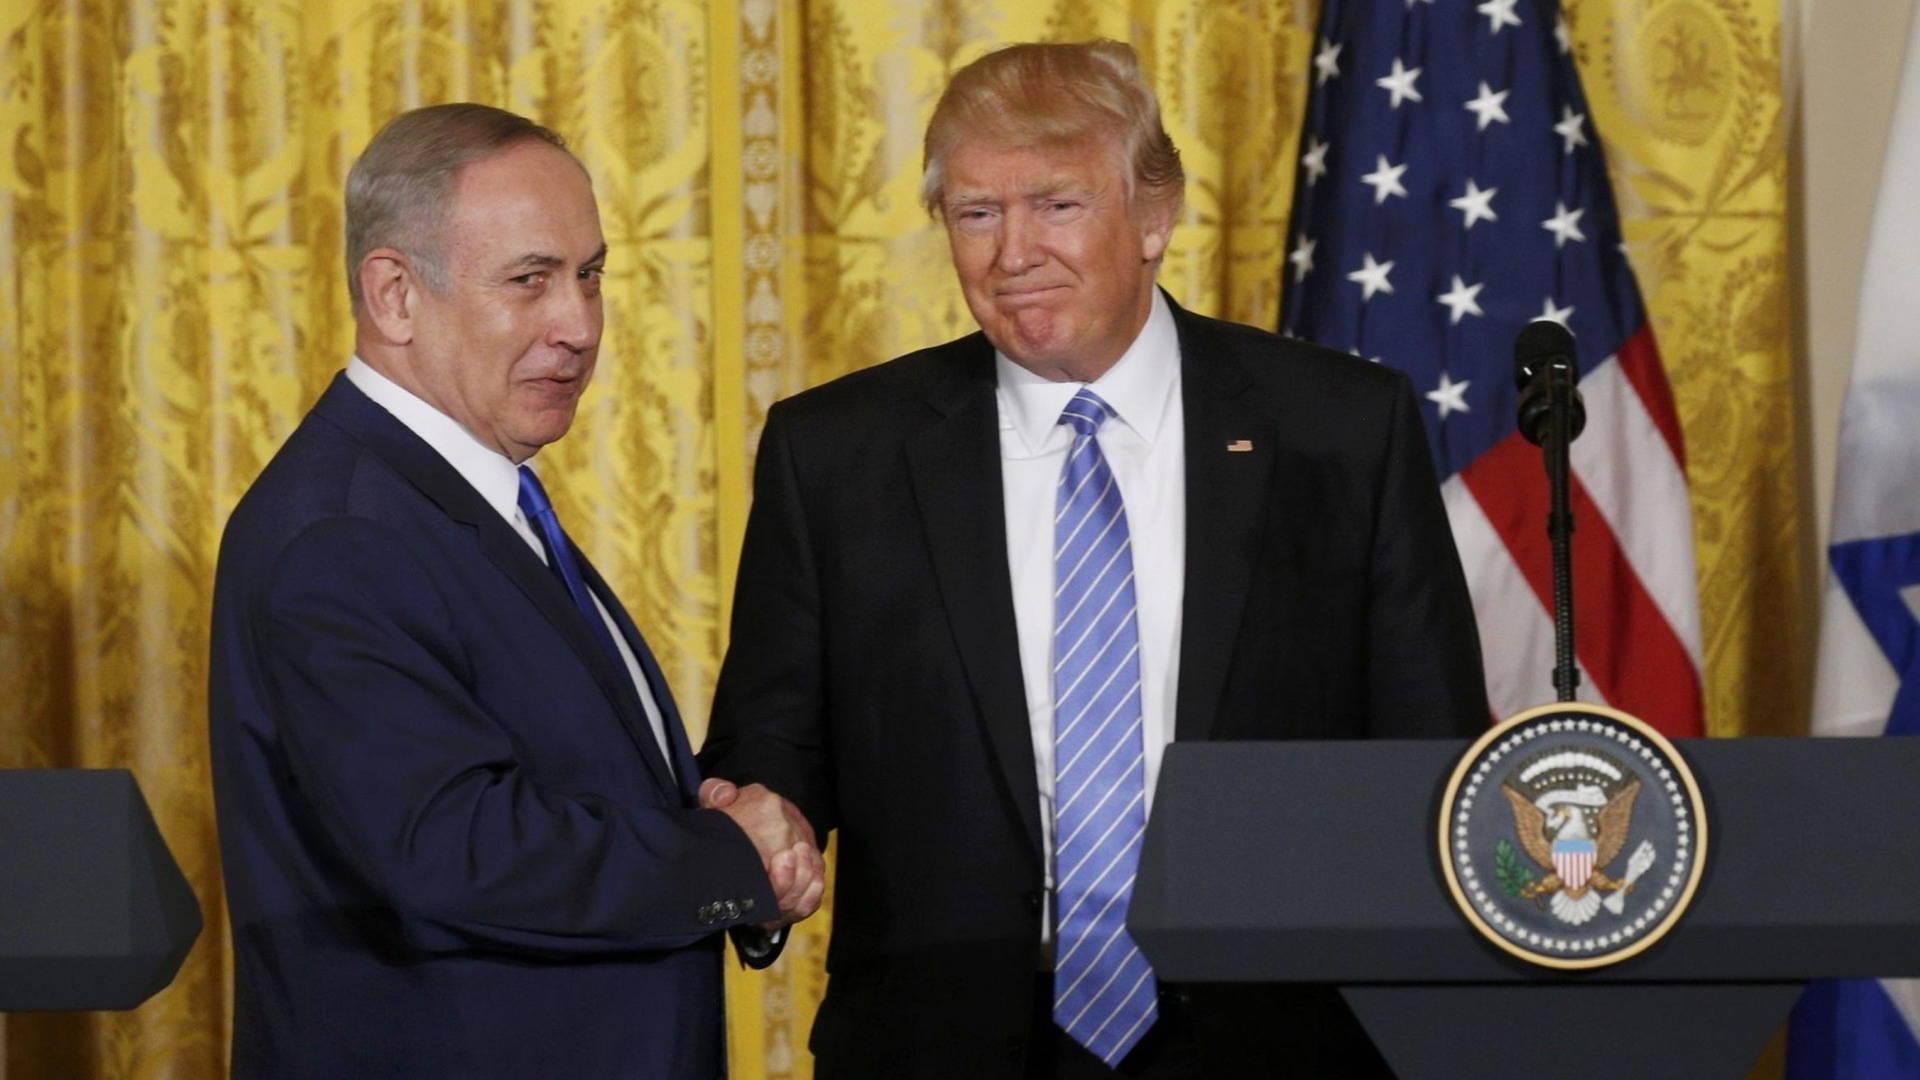 Trump & Netanyahu